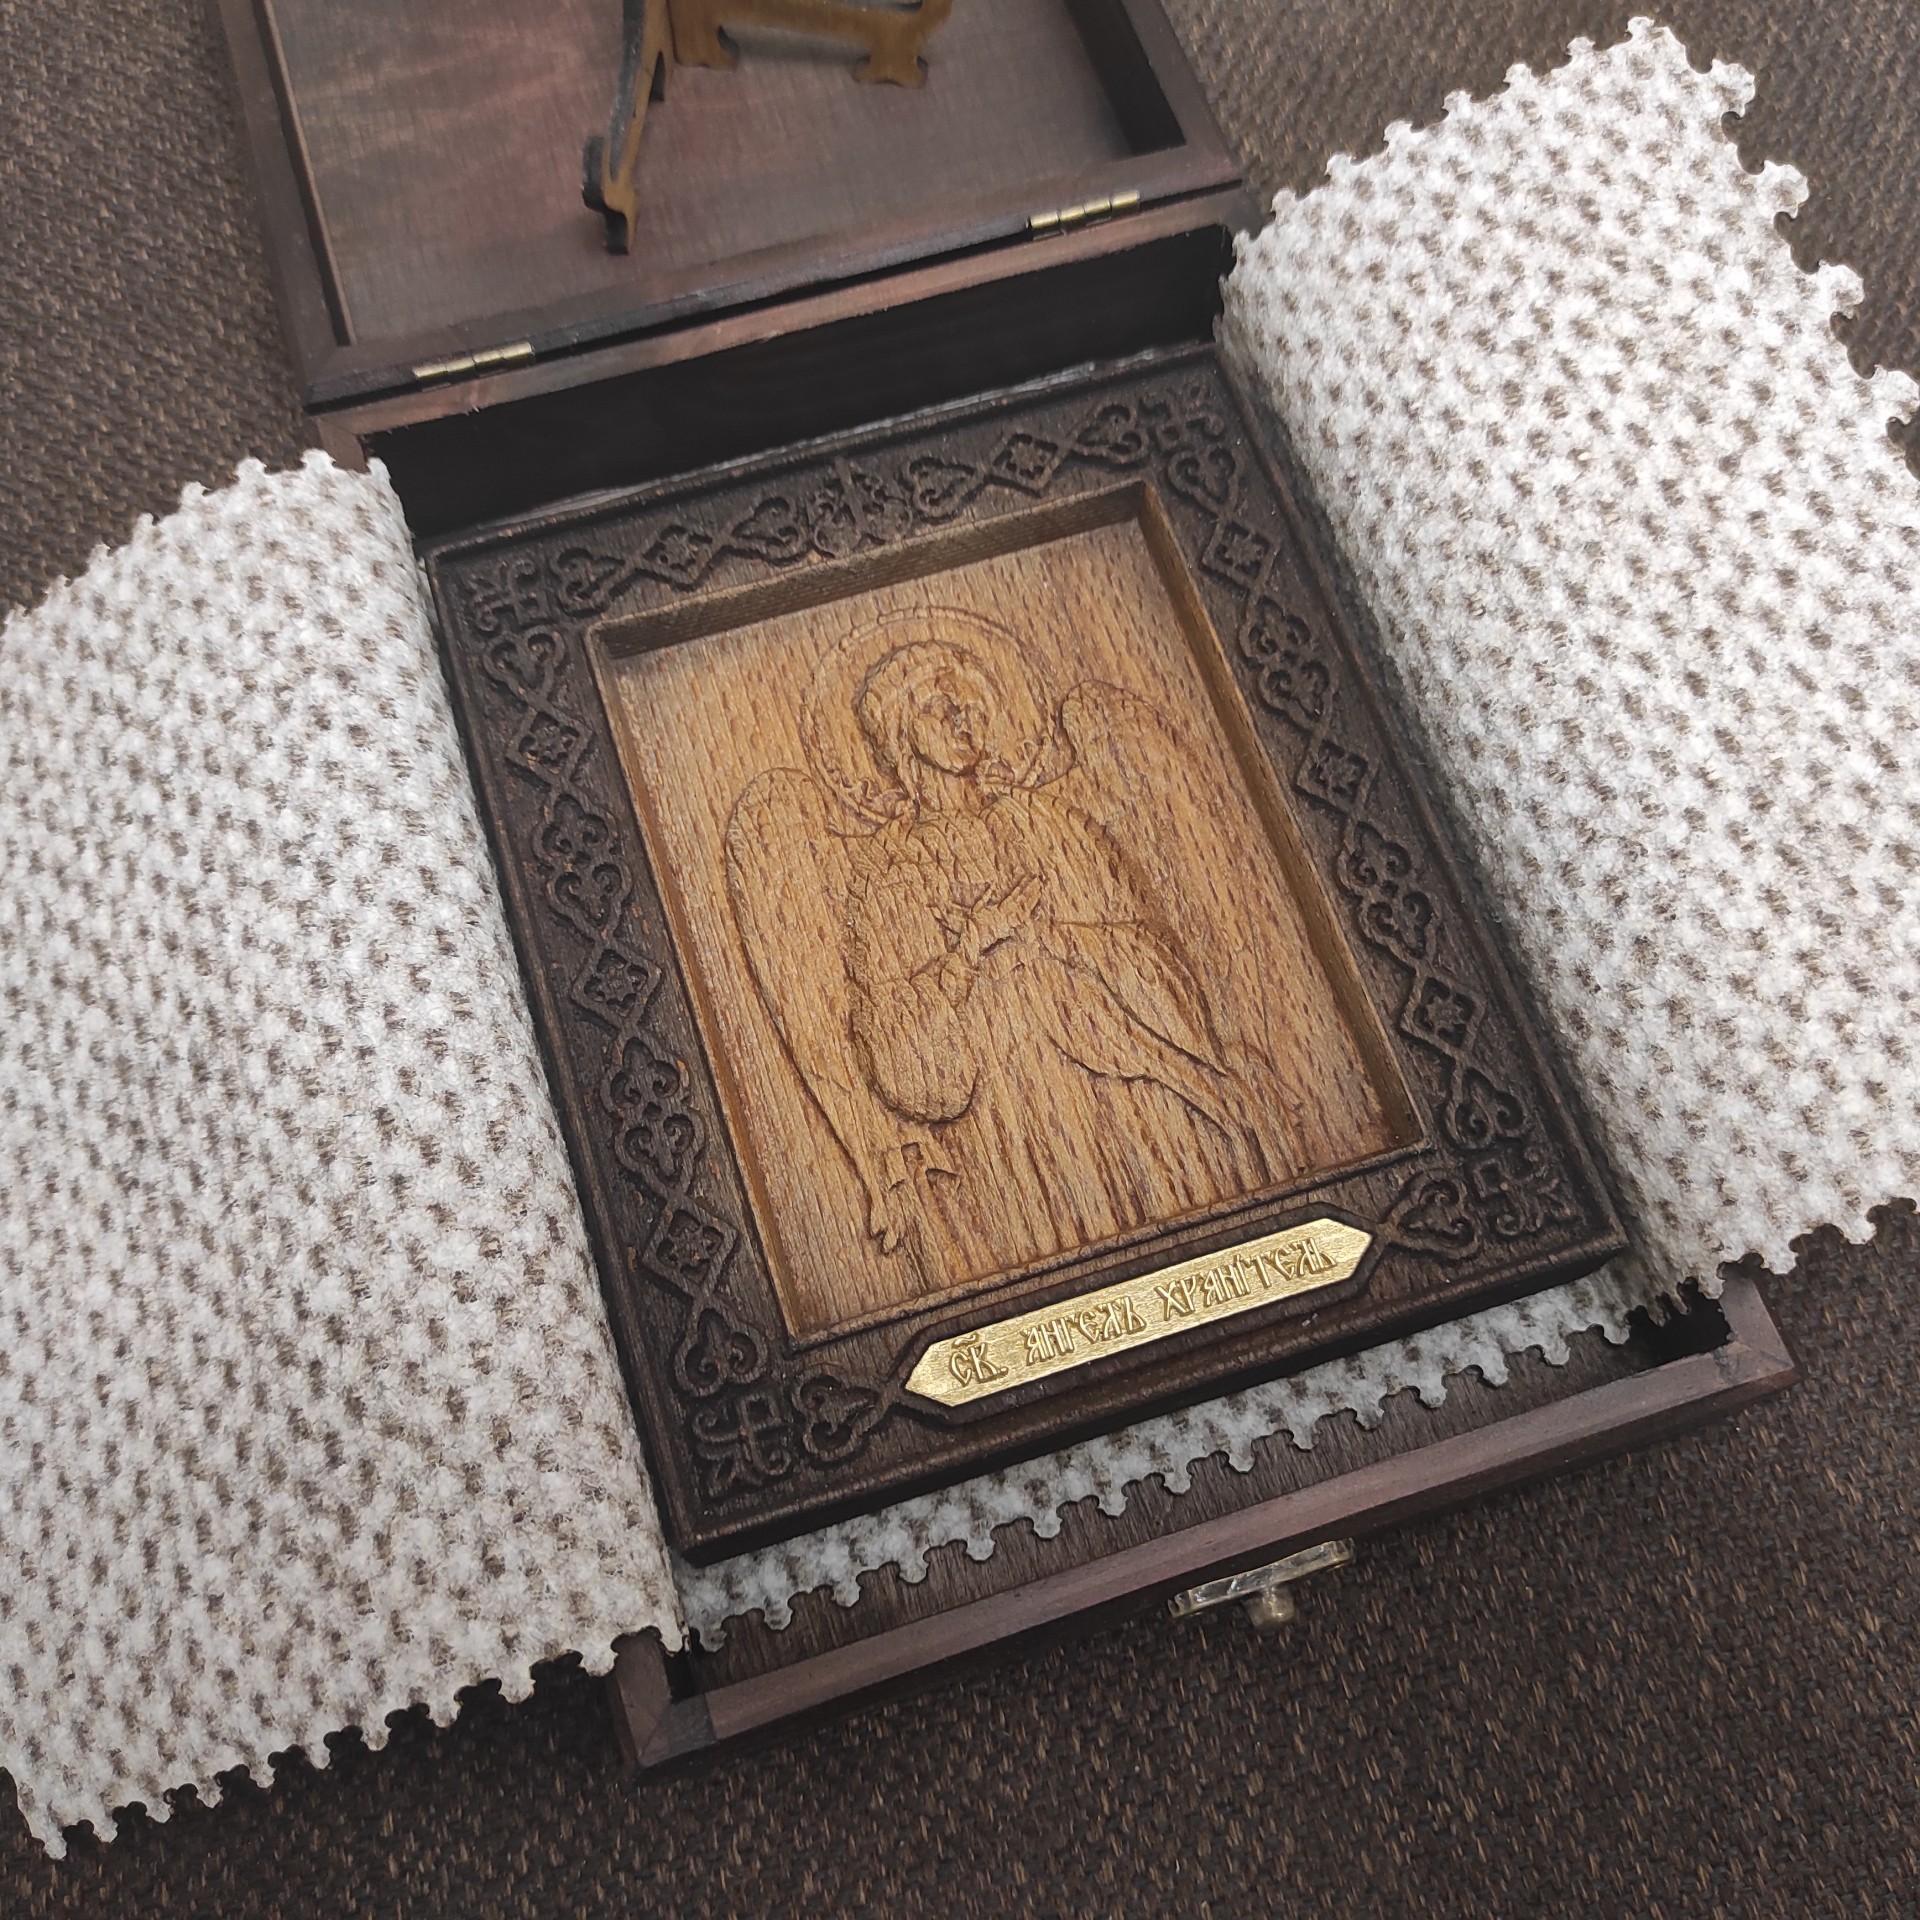 Фото иконы Ангела Хранителя из бука уложенная в коробку и в покров